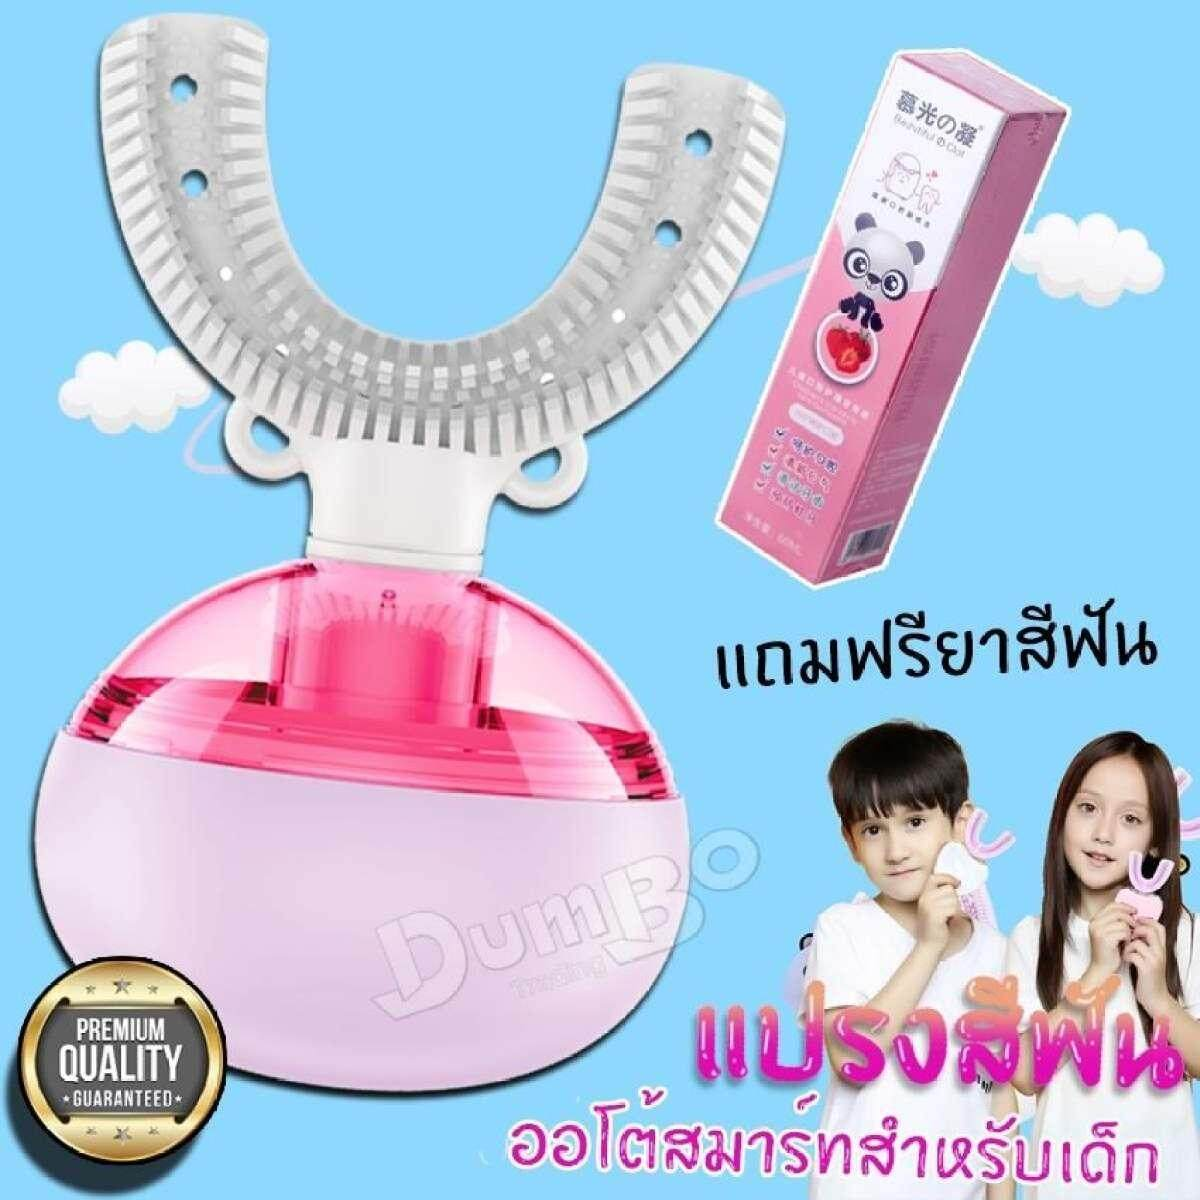 แปรงสีฟันไฟฟ้า ทำความสะอาดทุกซี่ฟันอย่างหมดจด ศรีสะเกษ จัดส่งฟรี!! แปรงสีฟัน แปรงสีฟันออโต้สมาร์ท Automatic toothbrush รุ่น DY02 !!แถมฟรียาสีฟัน!! แปรงสีฟัน แปรงสีฟันเด็ก แปรงสีฟันออโต้สมาร์ท สำหรับเด็ก แปรงสีฟันอัตโนมัติ แถมฟรี!! ยาสีฟัน มีสินค้าพร้อมส่ง!!